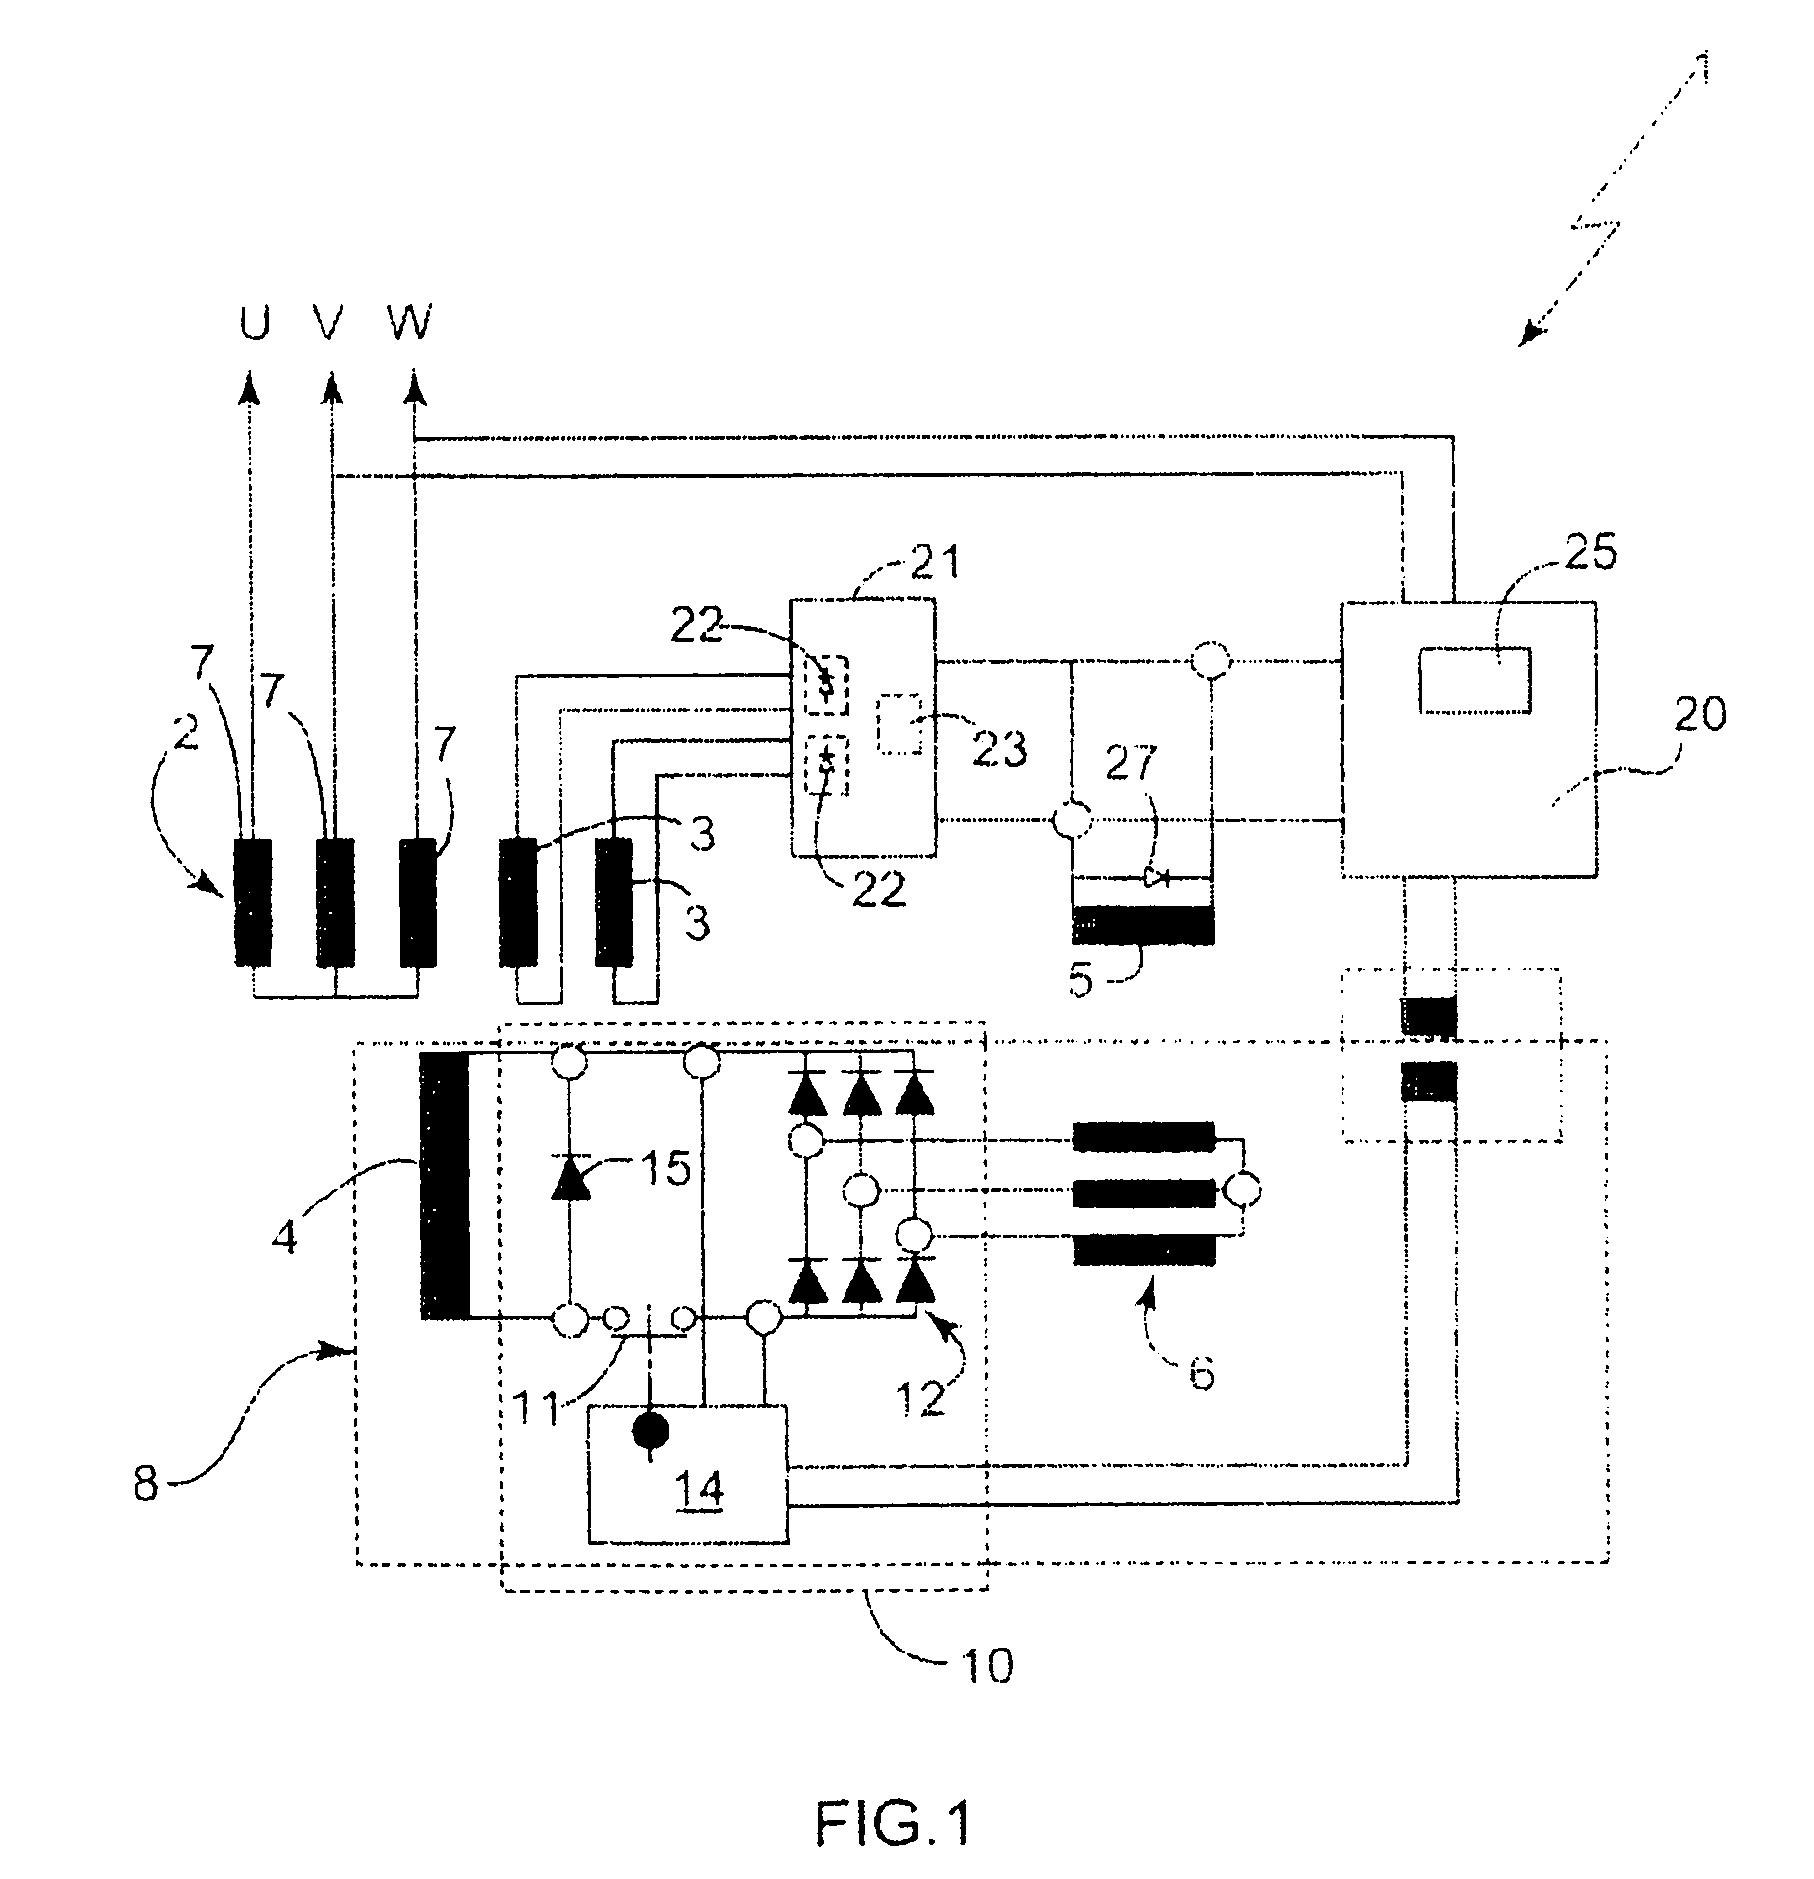 stamford generator wiring manual wiring diagram specialtiessx460 avr wiring diagram sample wiring diagram samplesx460 avr wiring diagram collection stamford generator wiring diagram